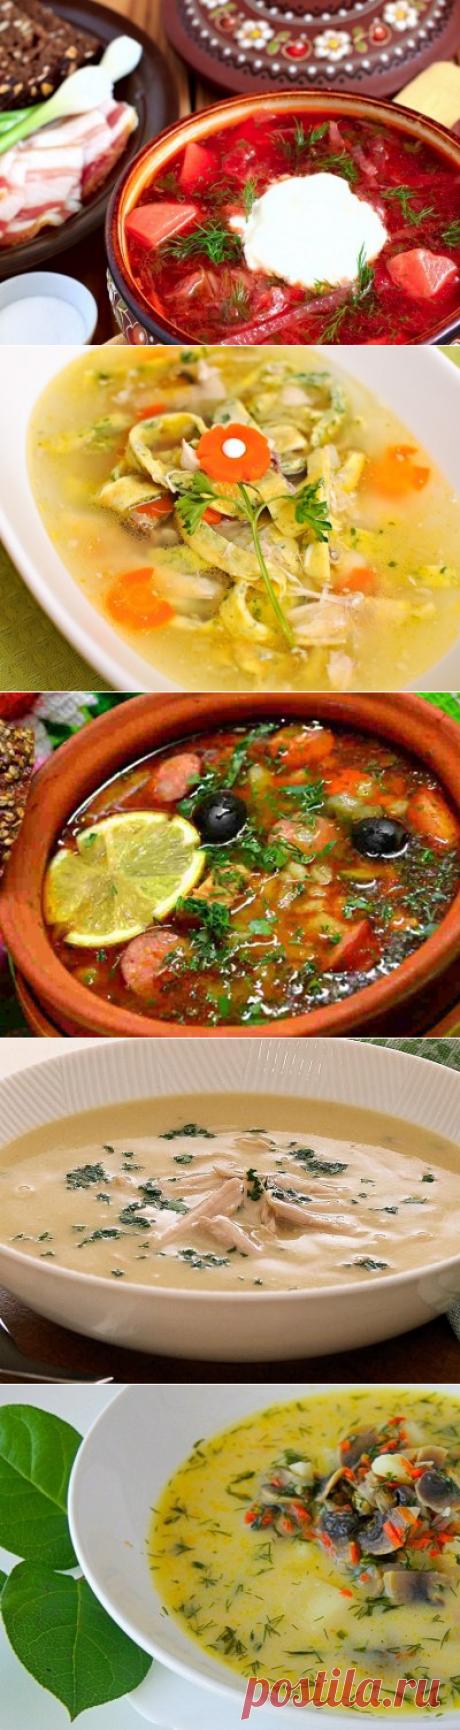 Супы - Рецепты с фото от Со Вкусом - Страница1, 2